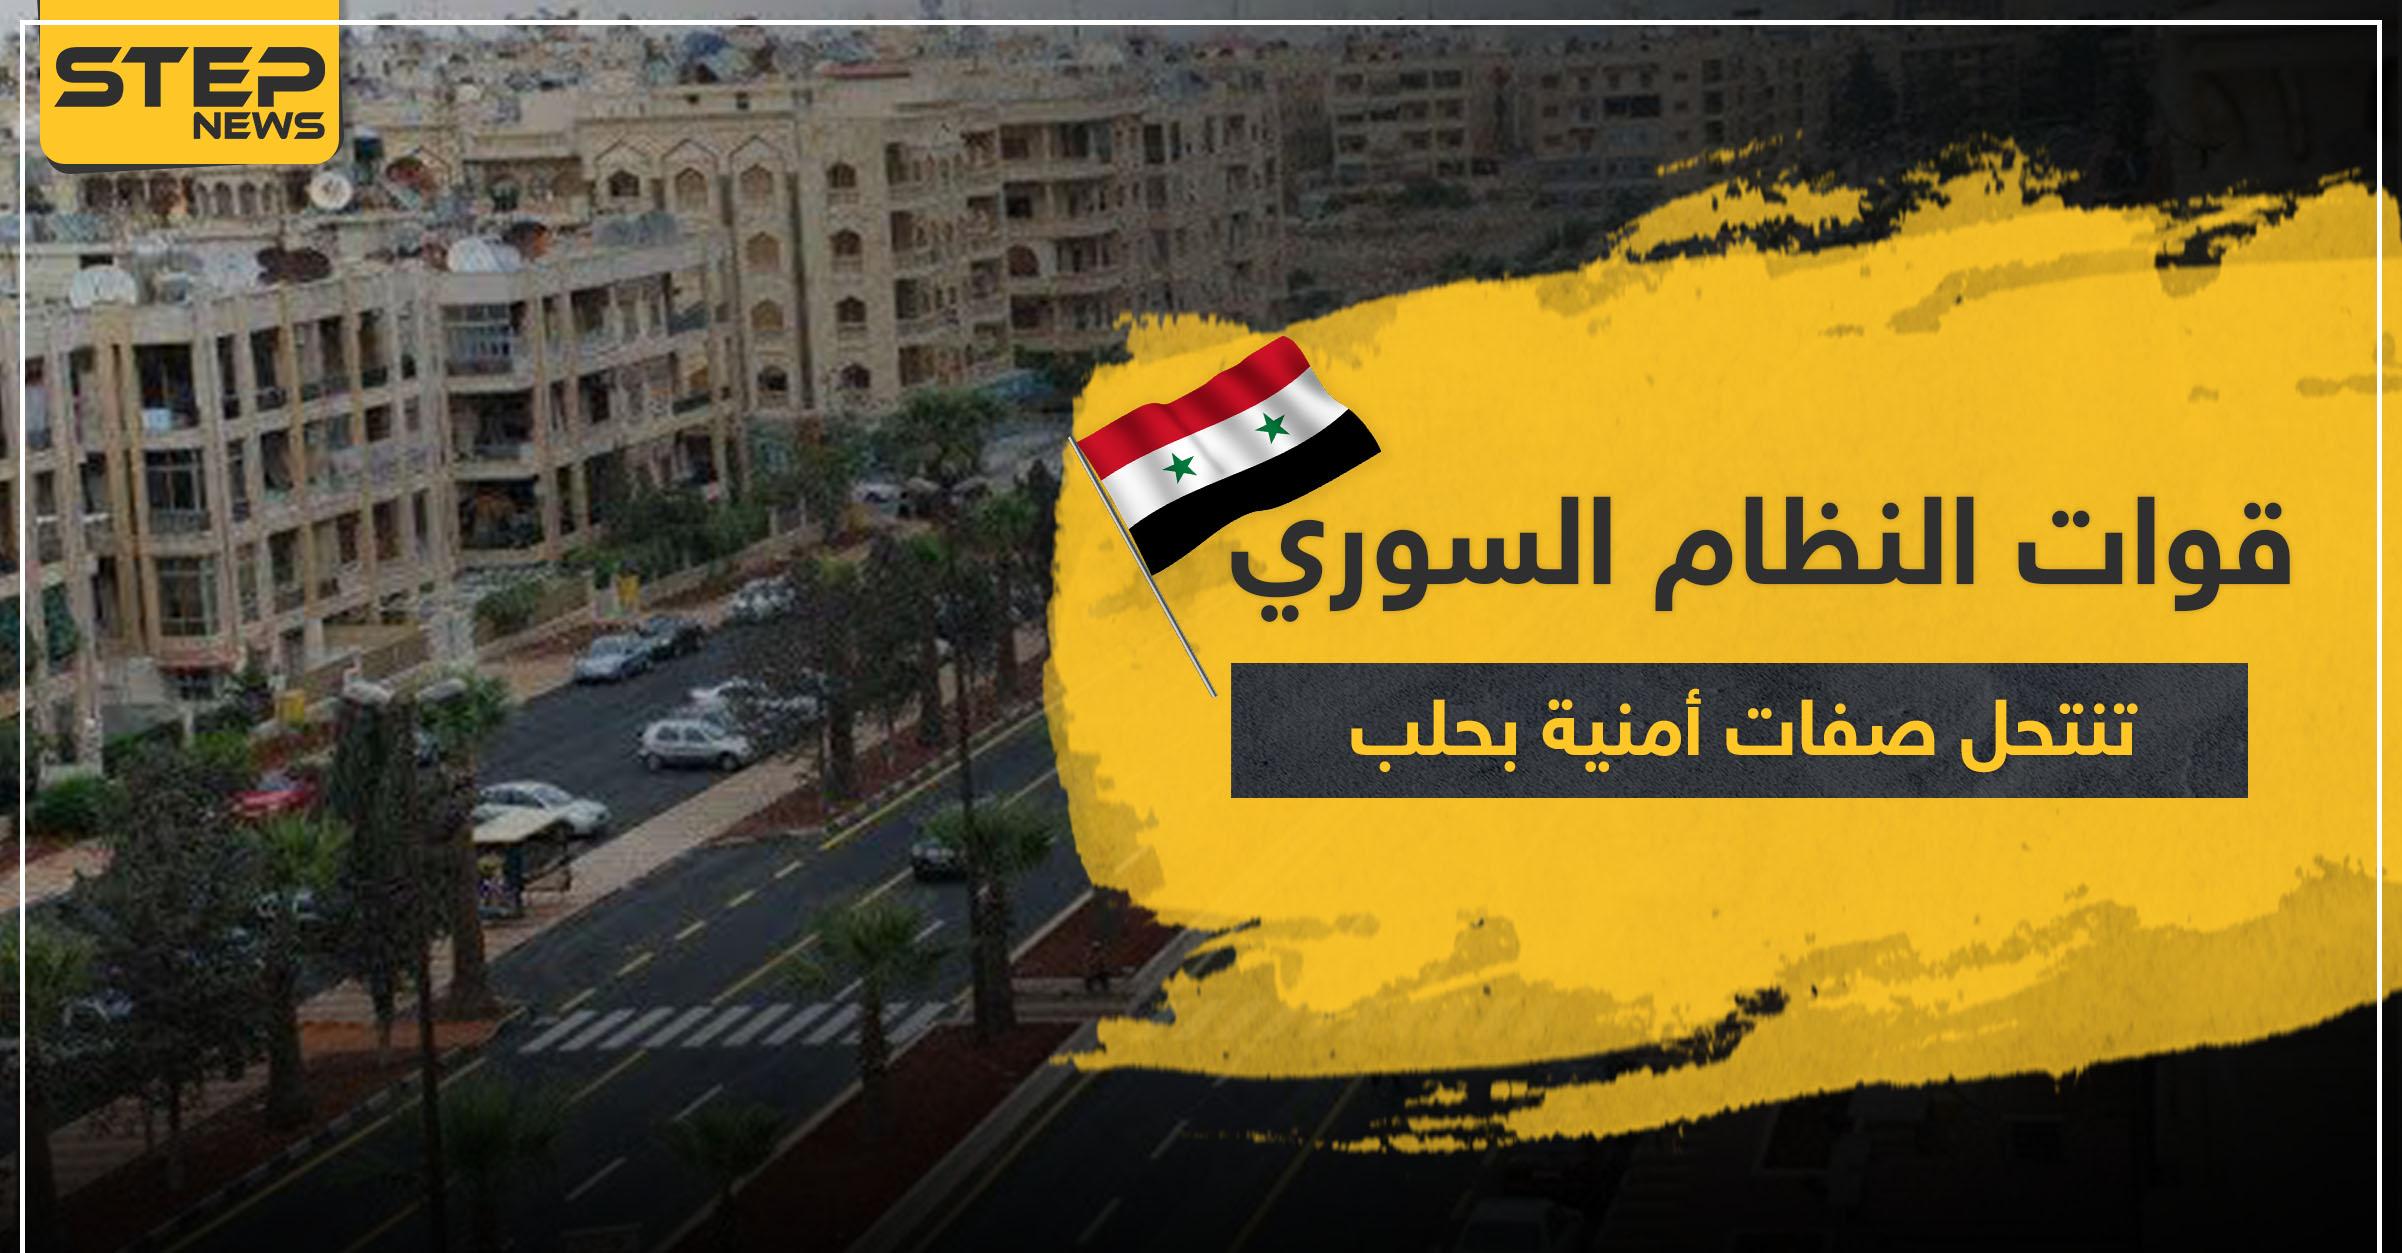 قوات النظام السوري تنتحل صفات أمنية بهدف سرقة الأهالي بحلب